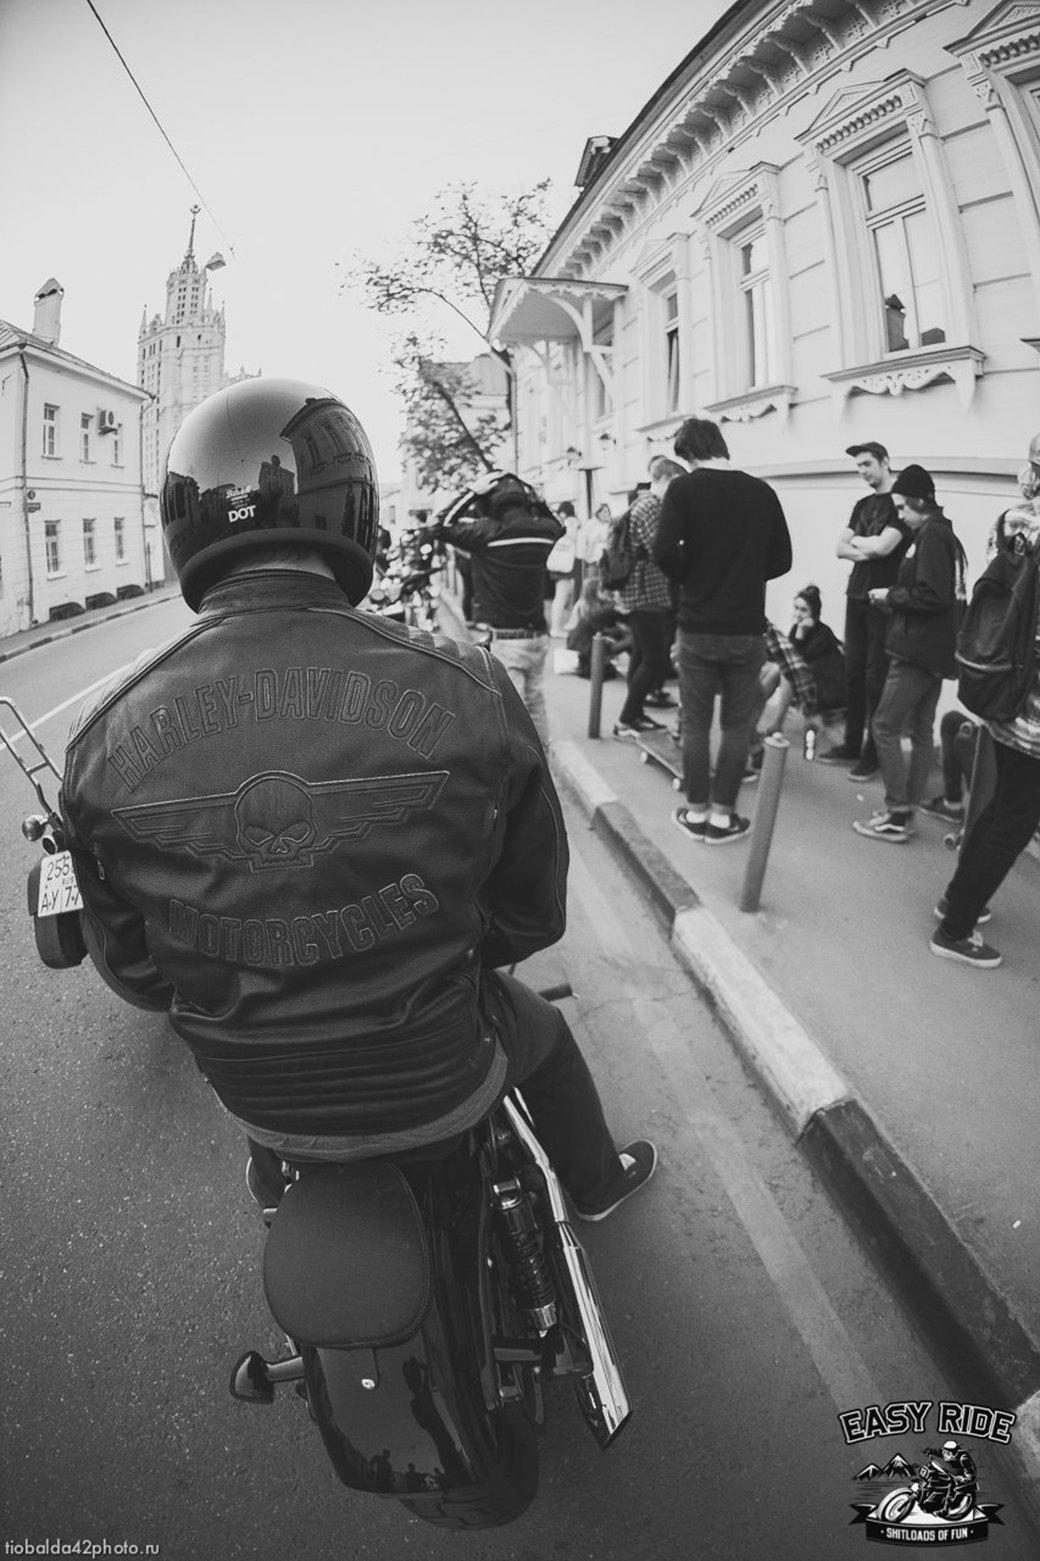 Easy Ride: Новый сезон проекта и видео с ночного заезда. Изображение № 4.